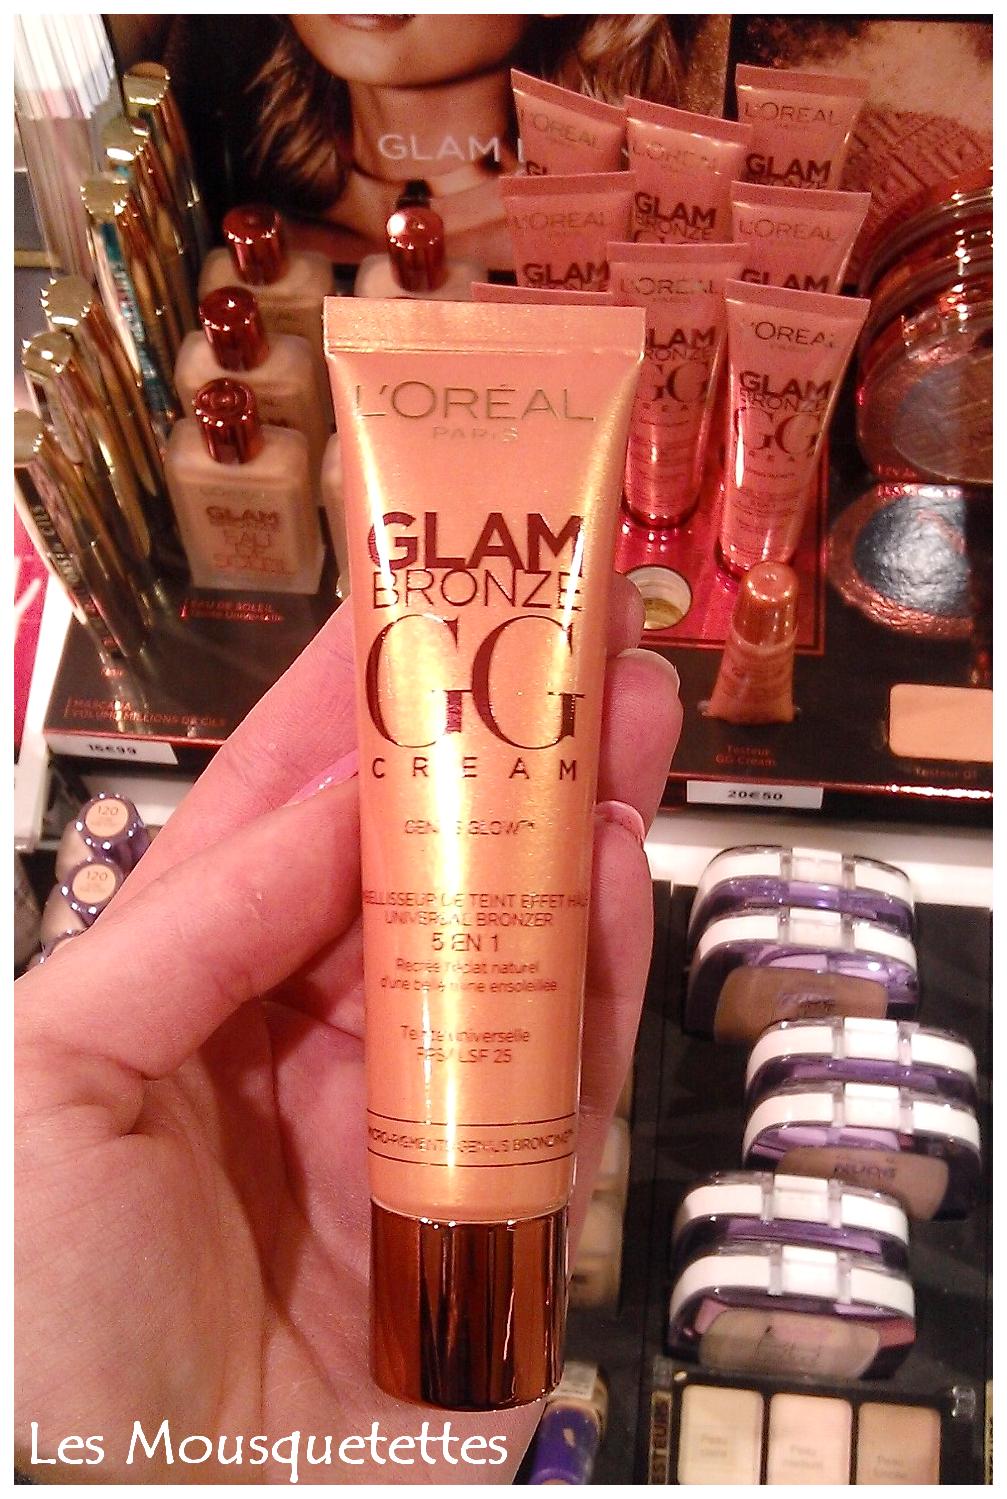 GG Cream L'Oréal - Les Mousquetettes©